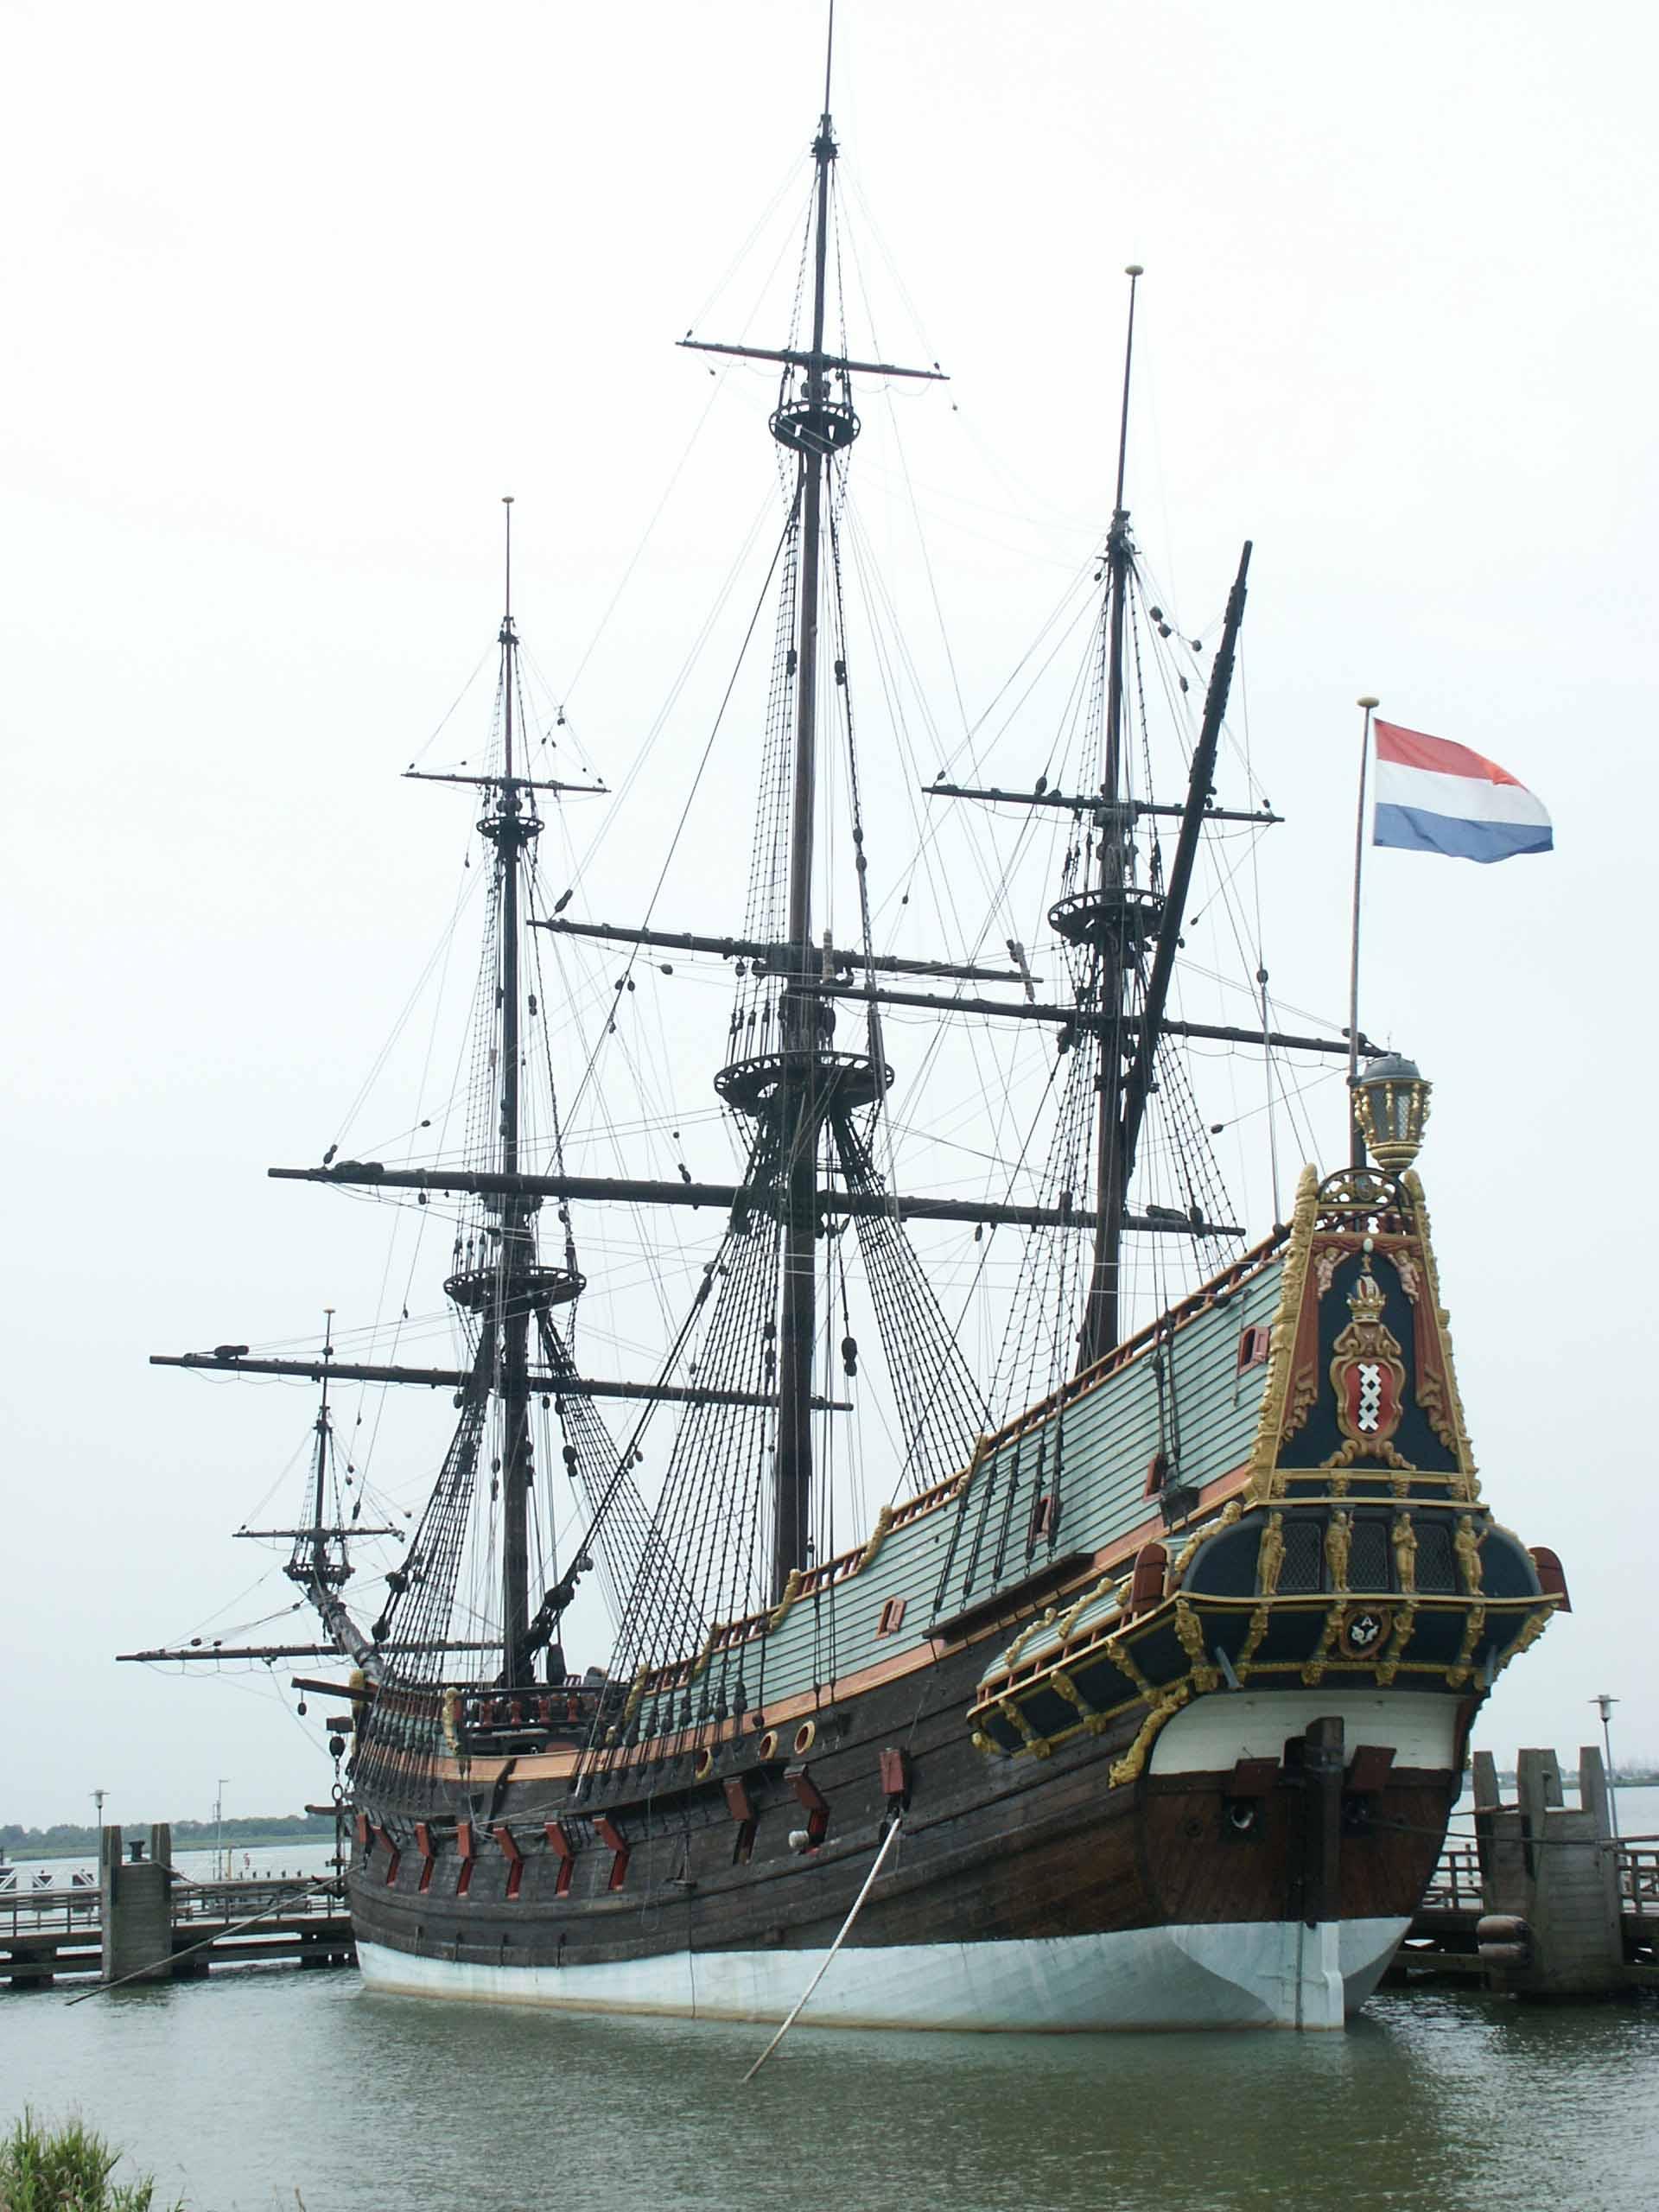 Batavia, a VOC ship of 1628